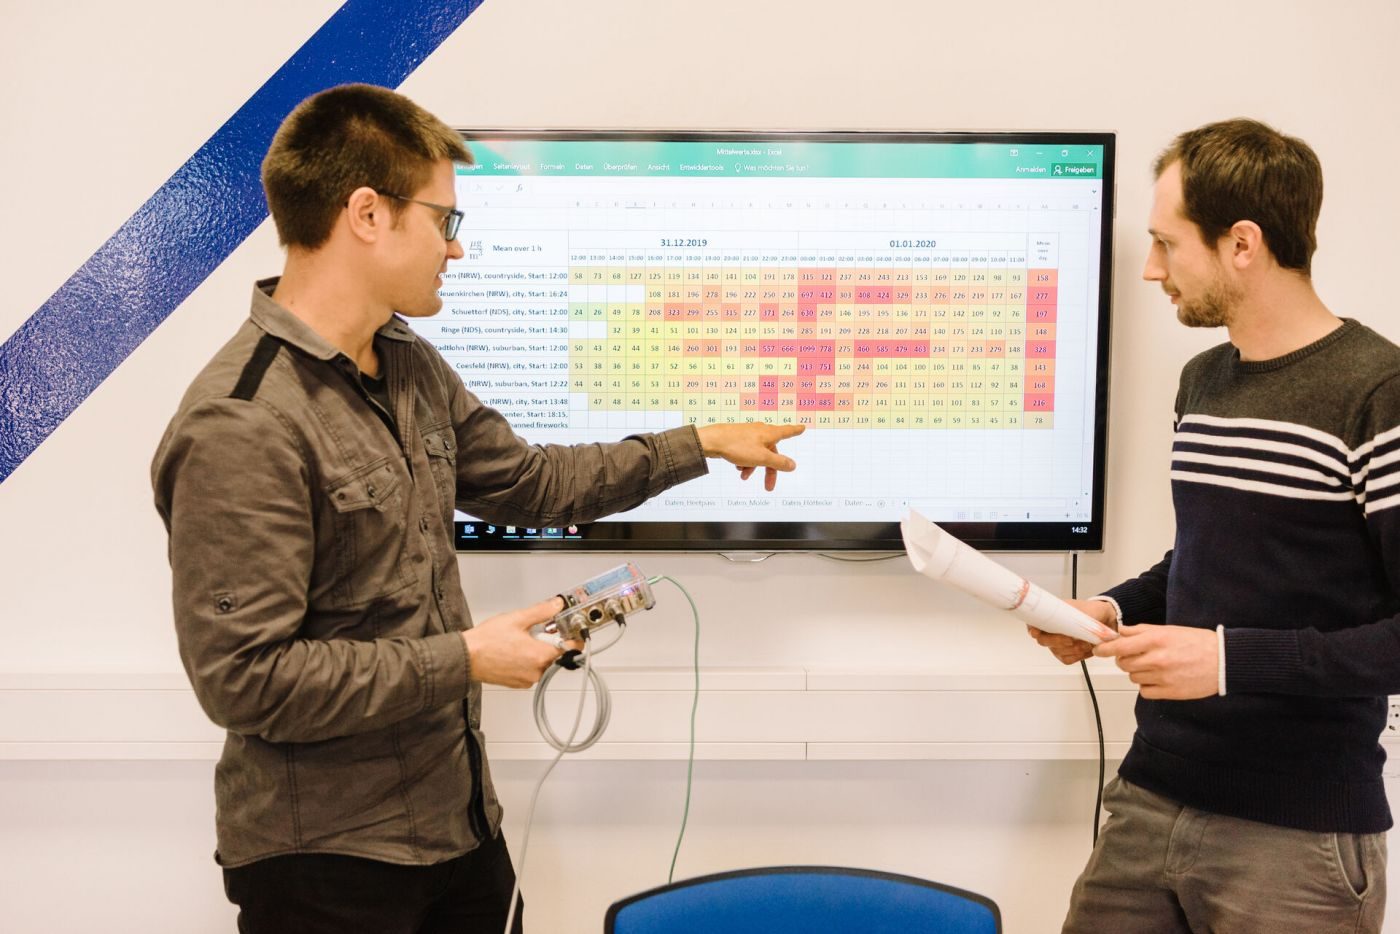 Zwei Männer vor einem Bildschirm, auf dem Feinstaubwerte stehen.